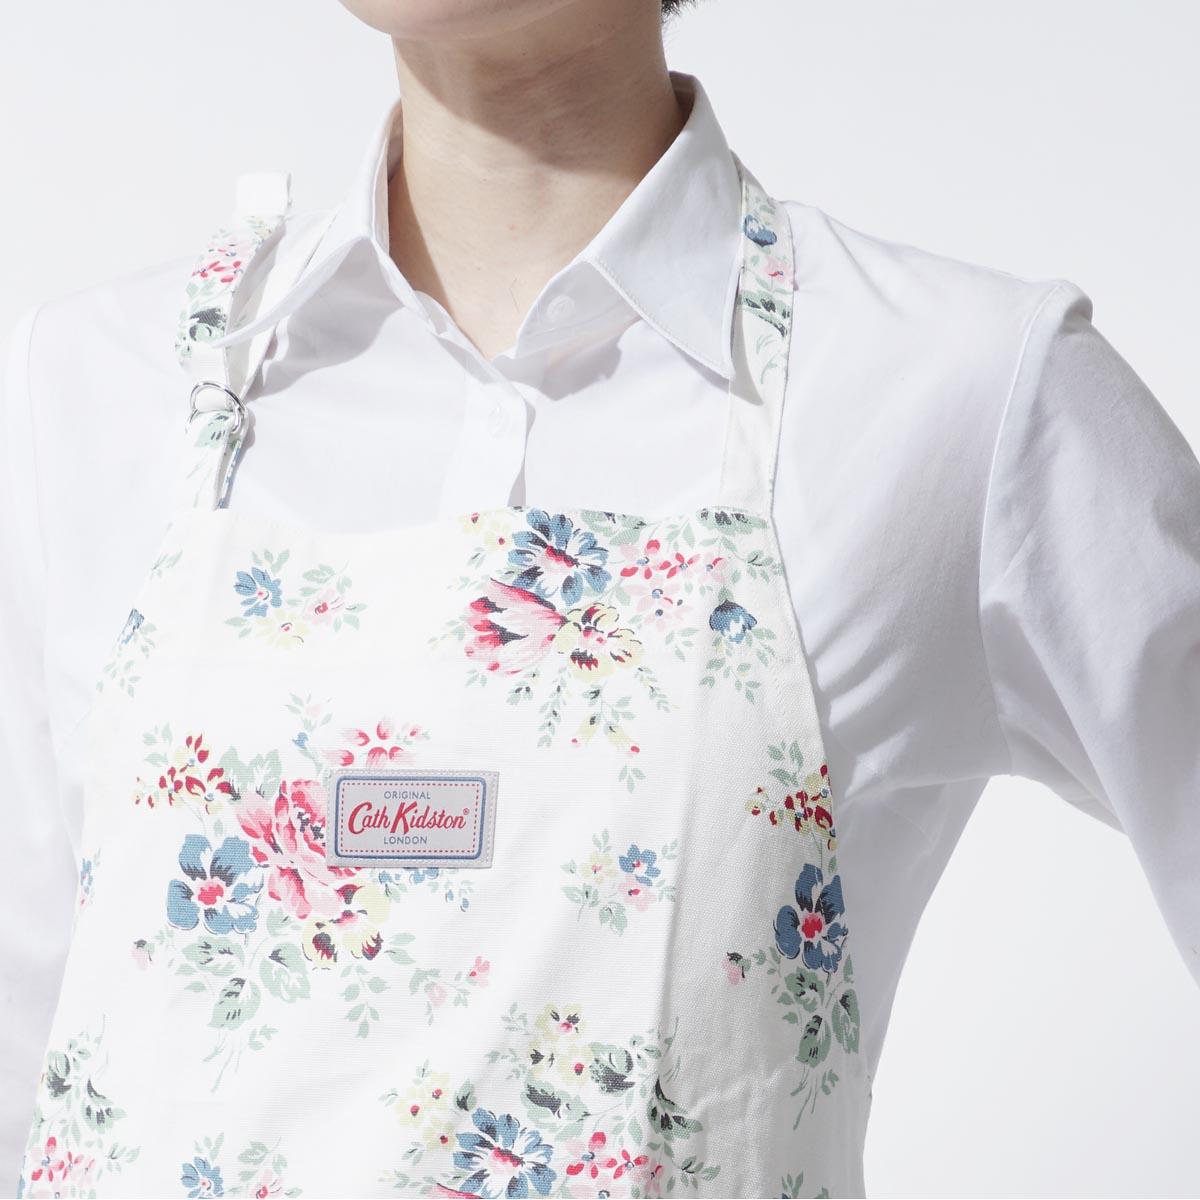 White apron london - Cath Kidston Cath Kidston Apron Bouquet Off White White System 663700 Lady S